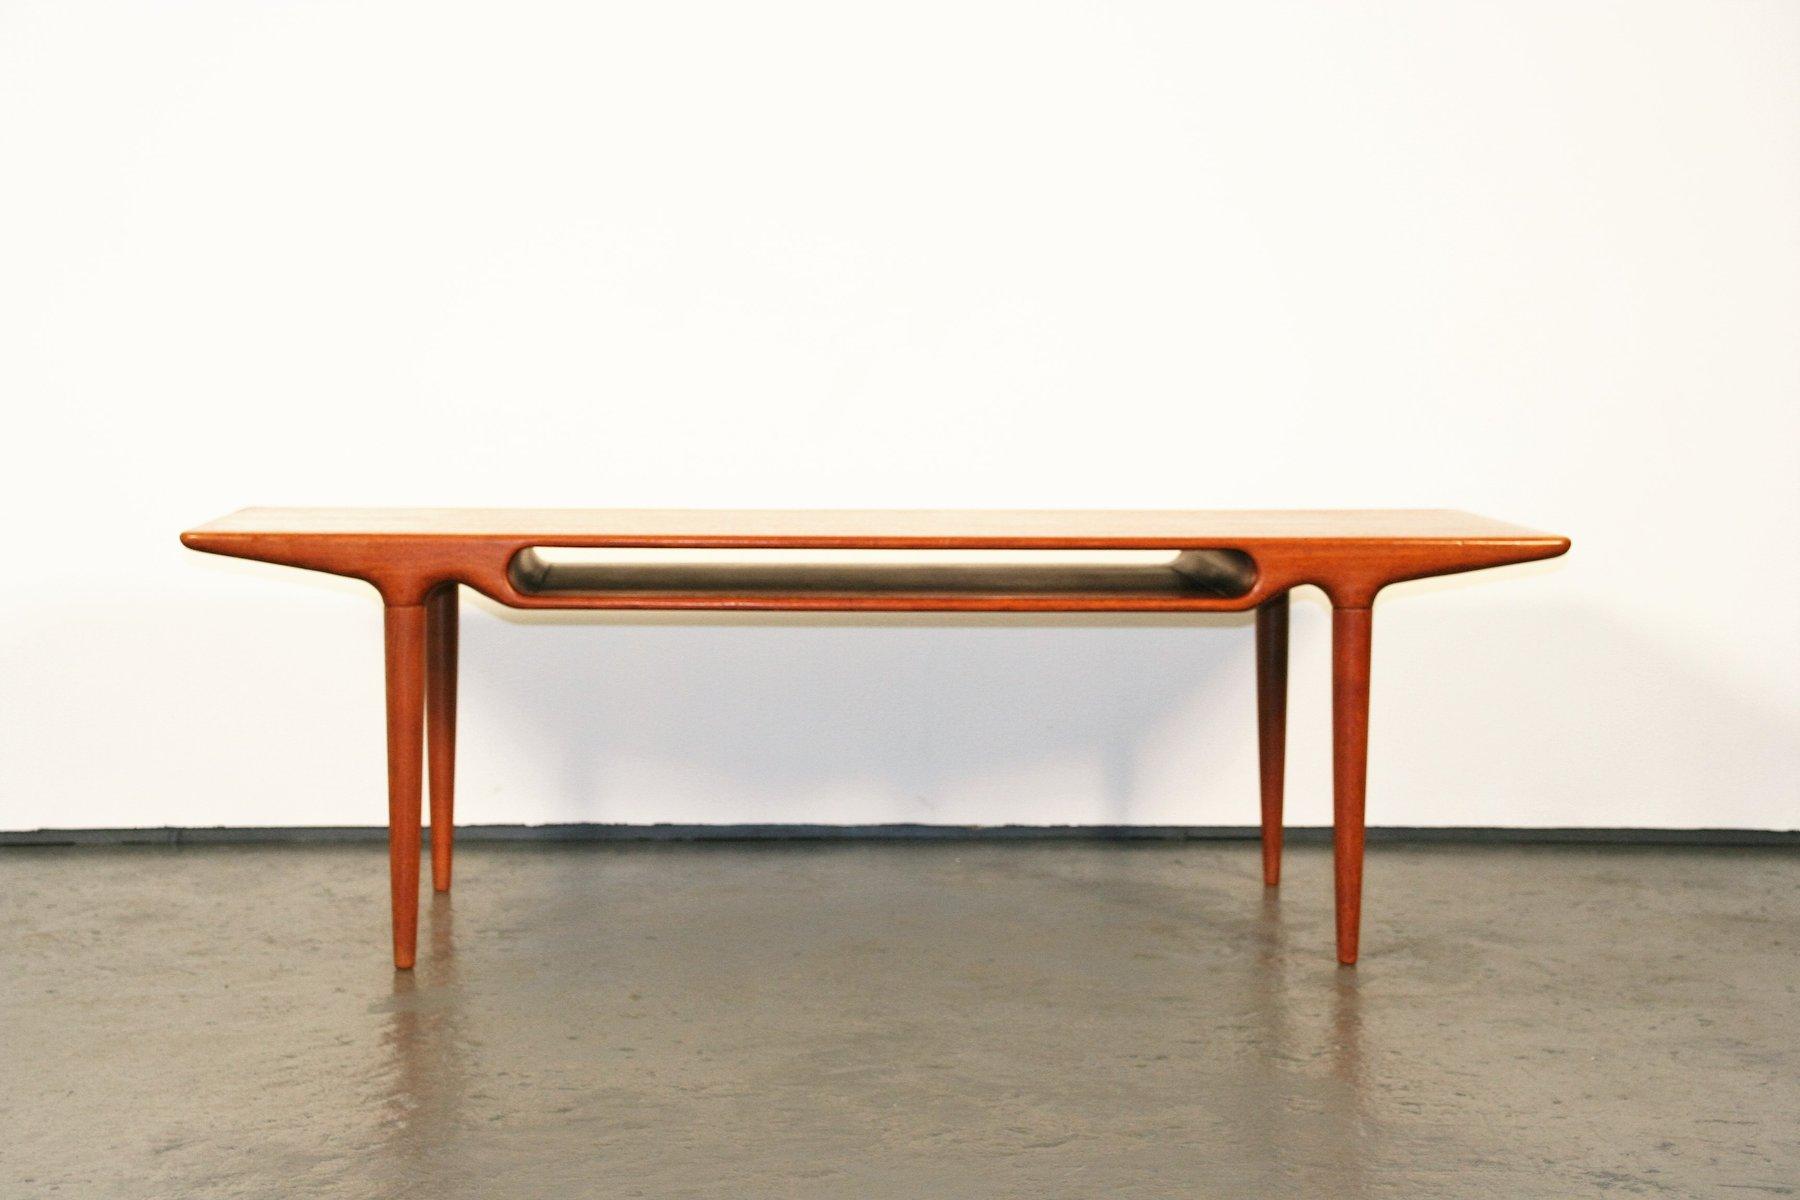 table-basse-en-teck-par-johannes-andersen-pour-c-f-c-silkeborg-1 Incroyable De Table Basse Gigogne Vintage Des Idées